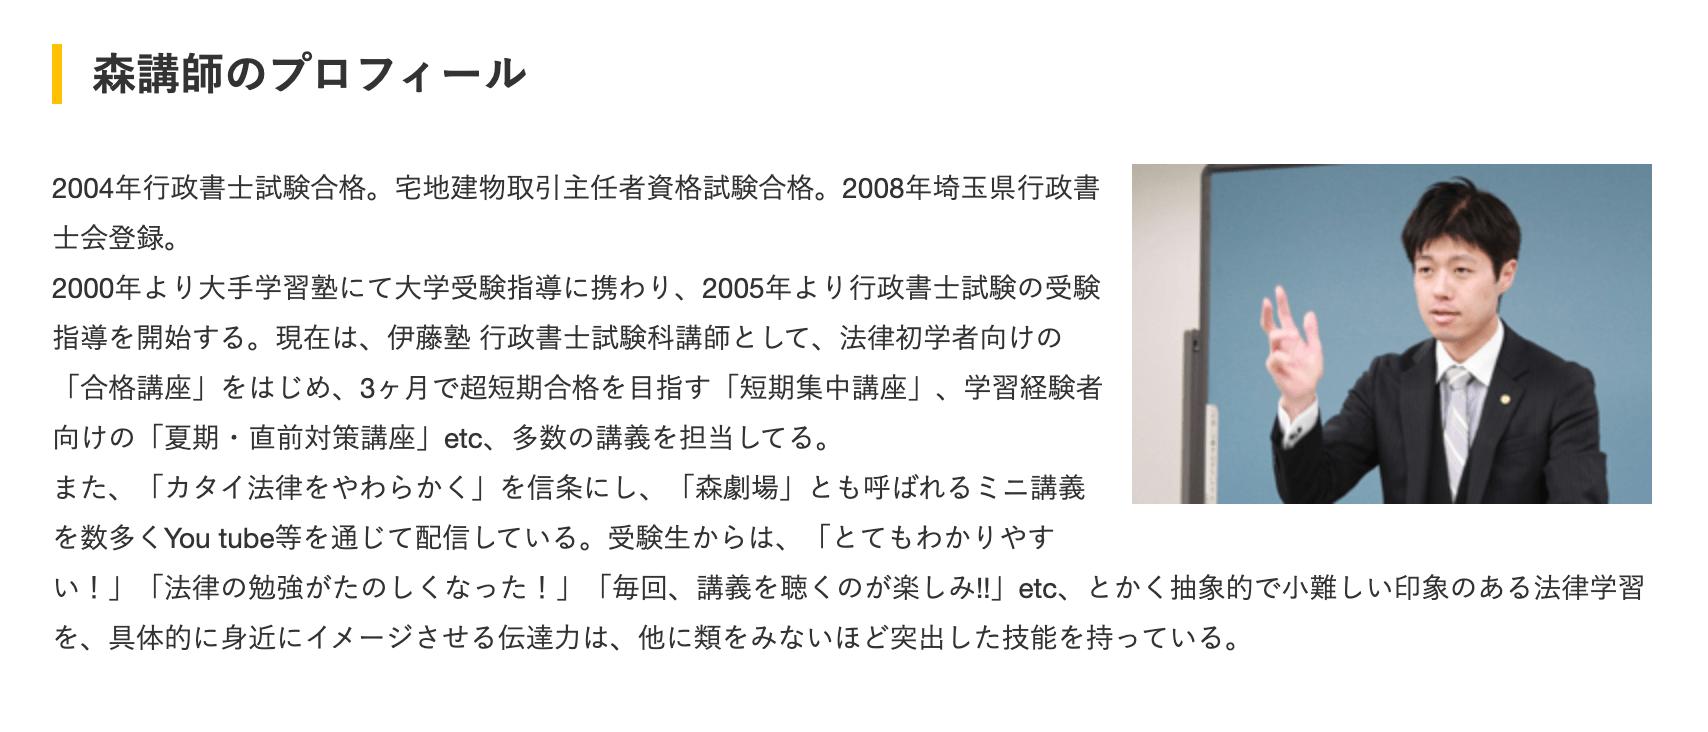 伊藤塾 森講師